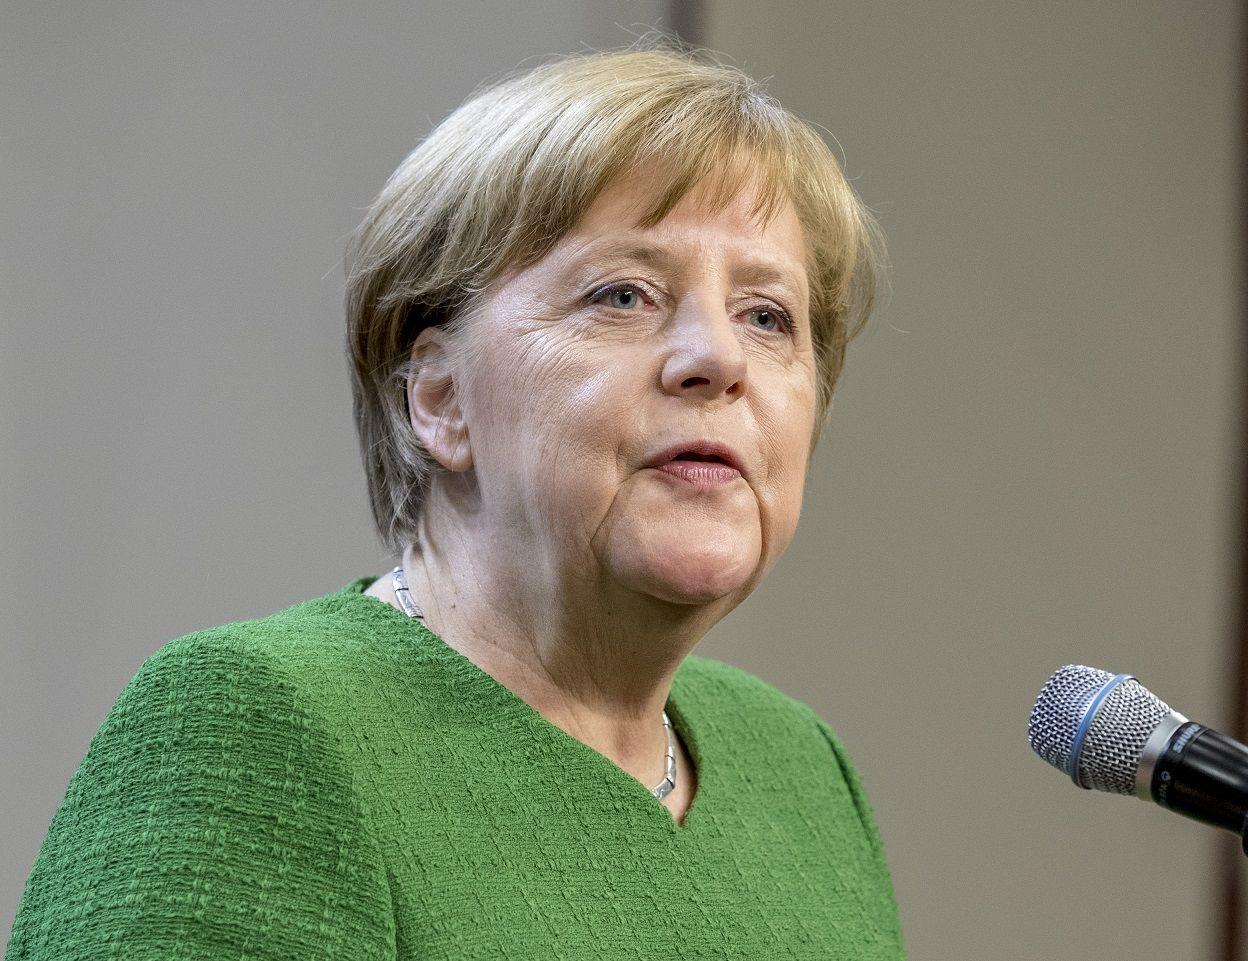 Merkelová uprchlíci dotace